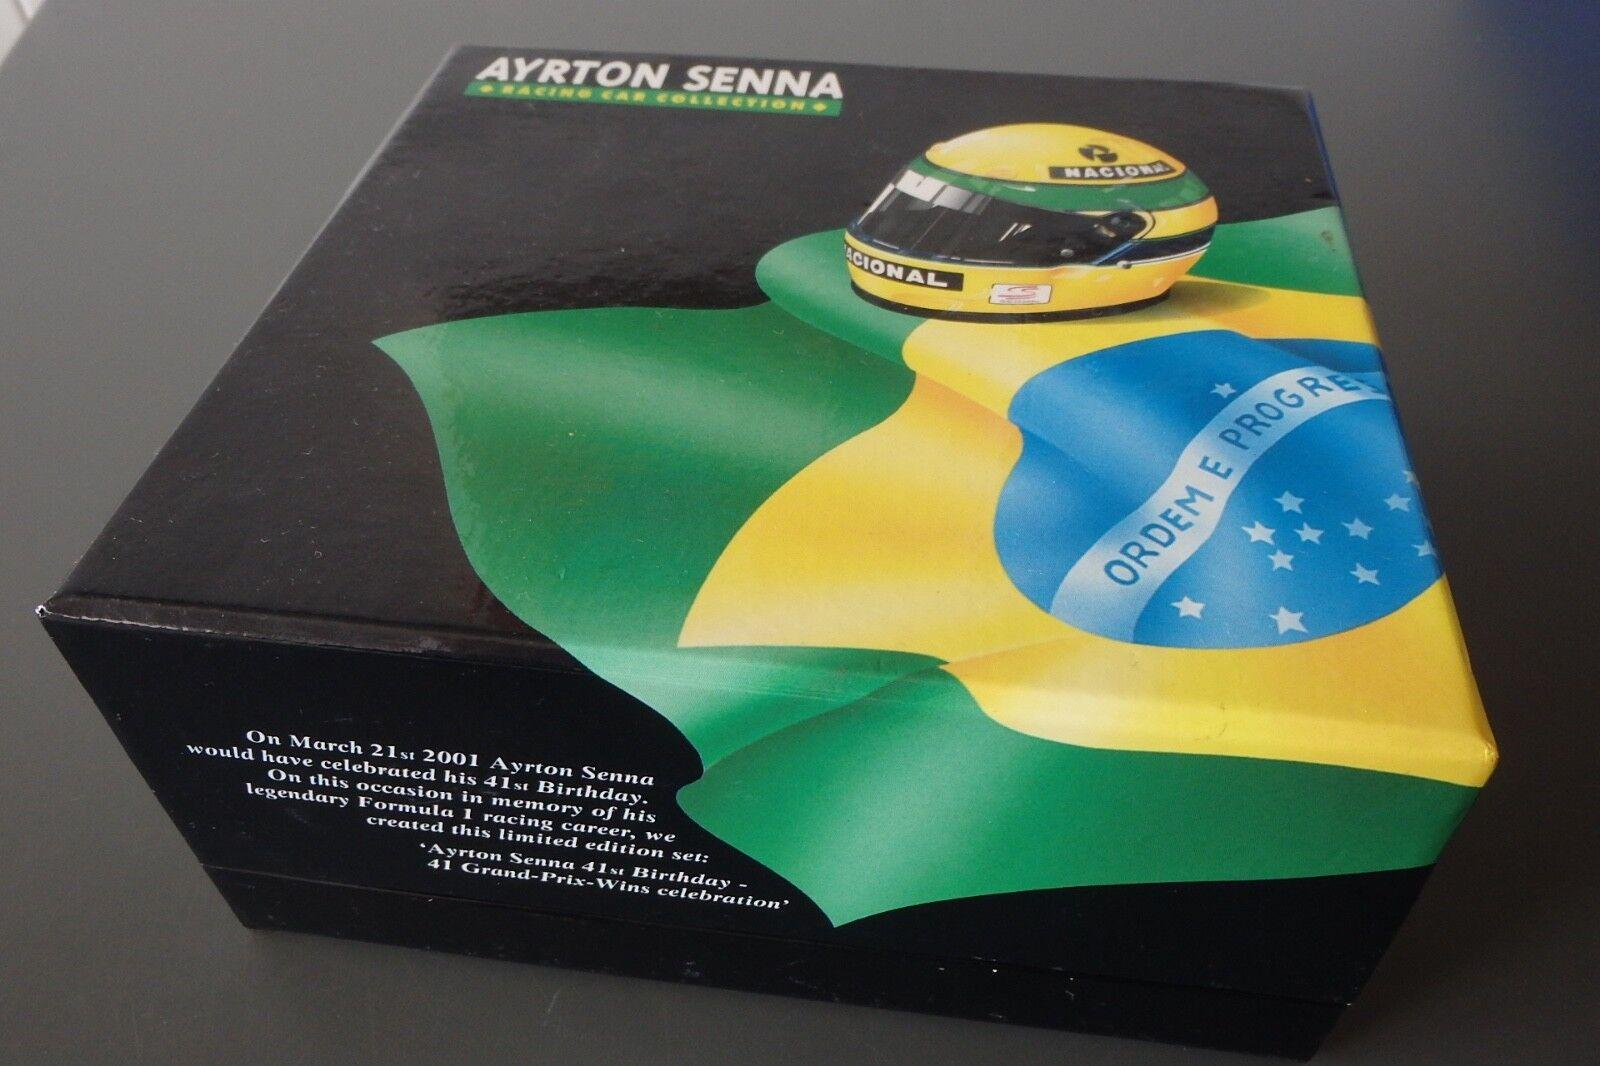 primera reputación de los clientes primero Ayrton Senna Mclaren MP4 MP4 MP4 8 Ford 1993 GP australiano  ¡No dudes! ¡Compra ahora!